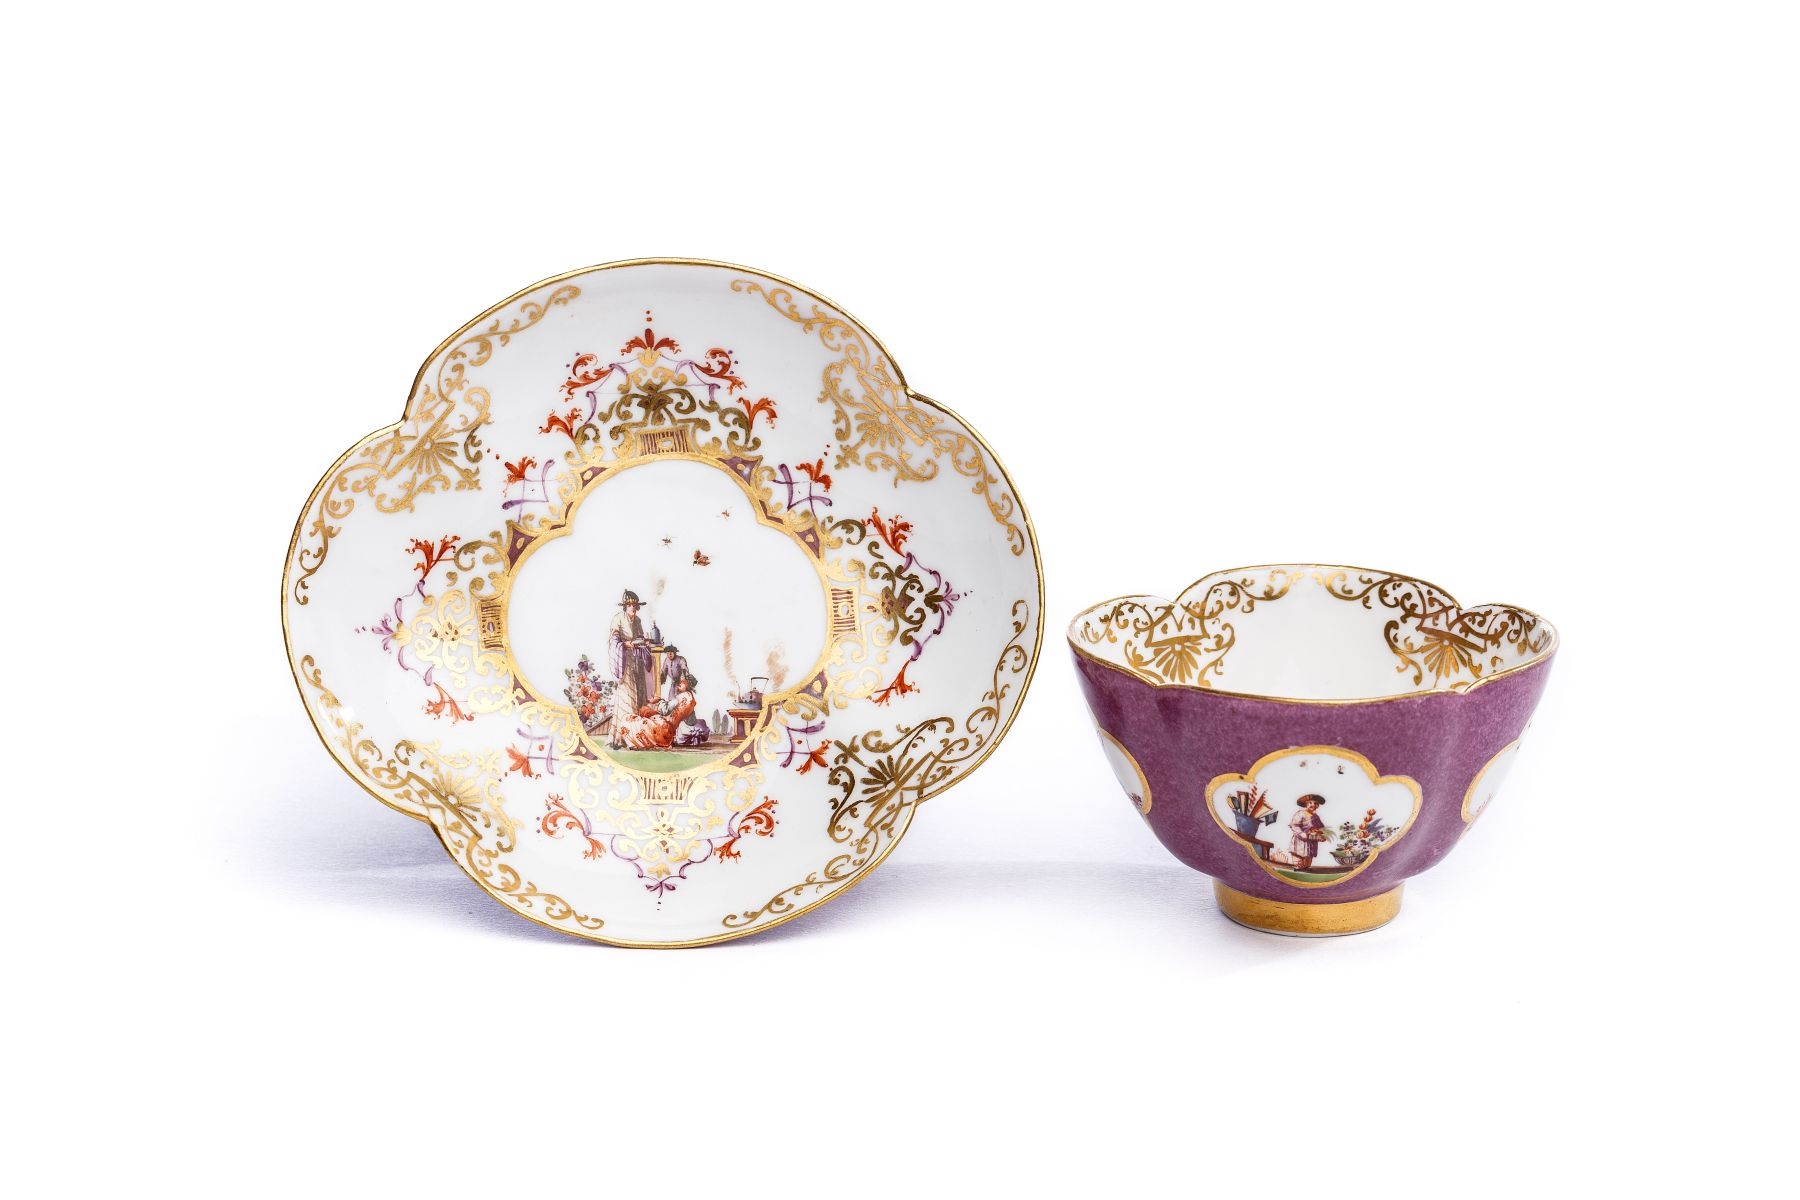 #21 Bowl with Saucer, Meissen 1728/30 | Koppchen mit Unterschale, Meissen 1728/30 Image